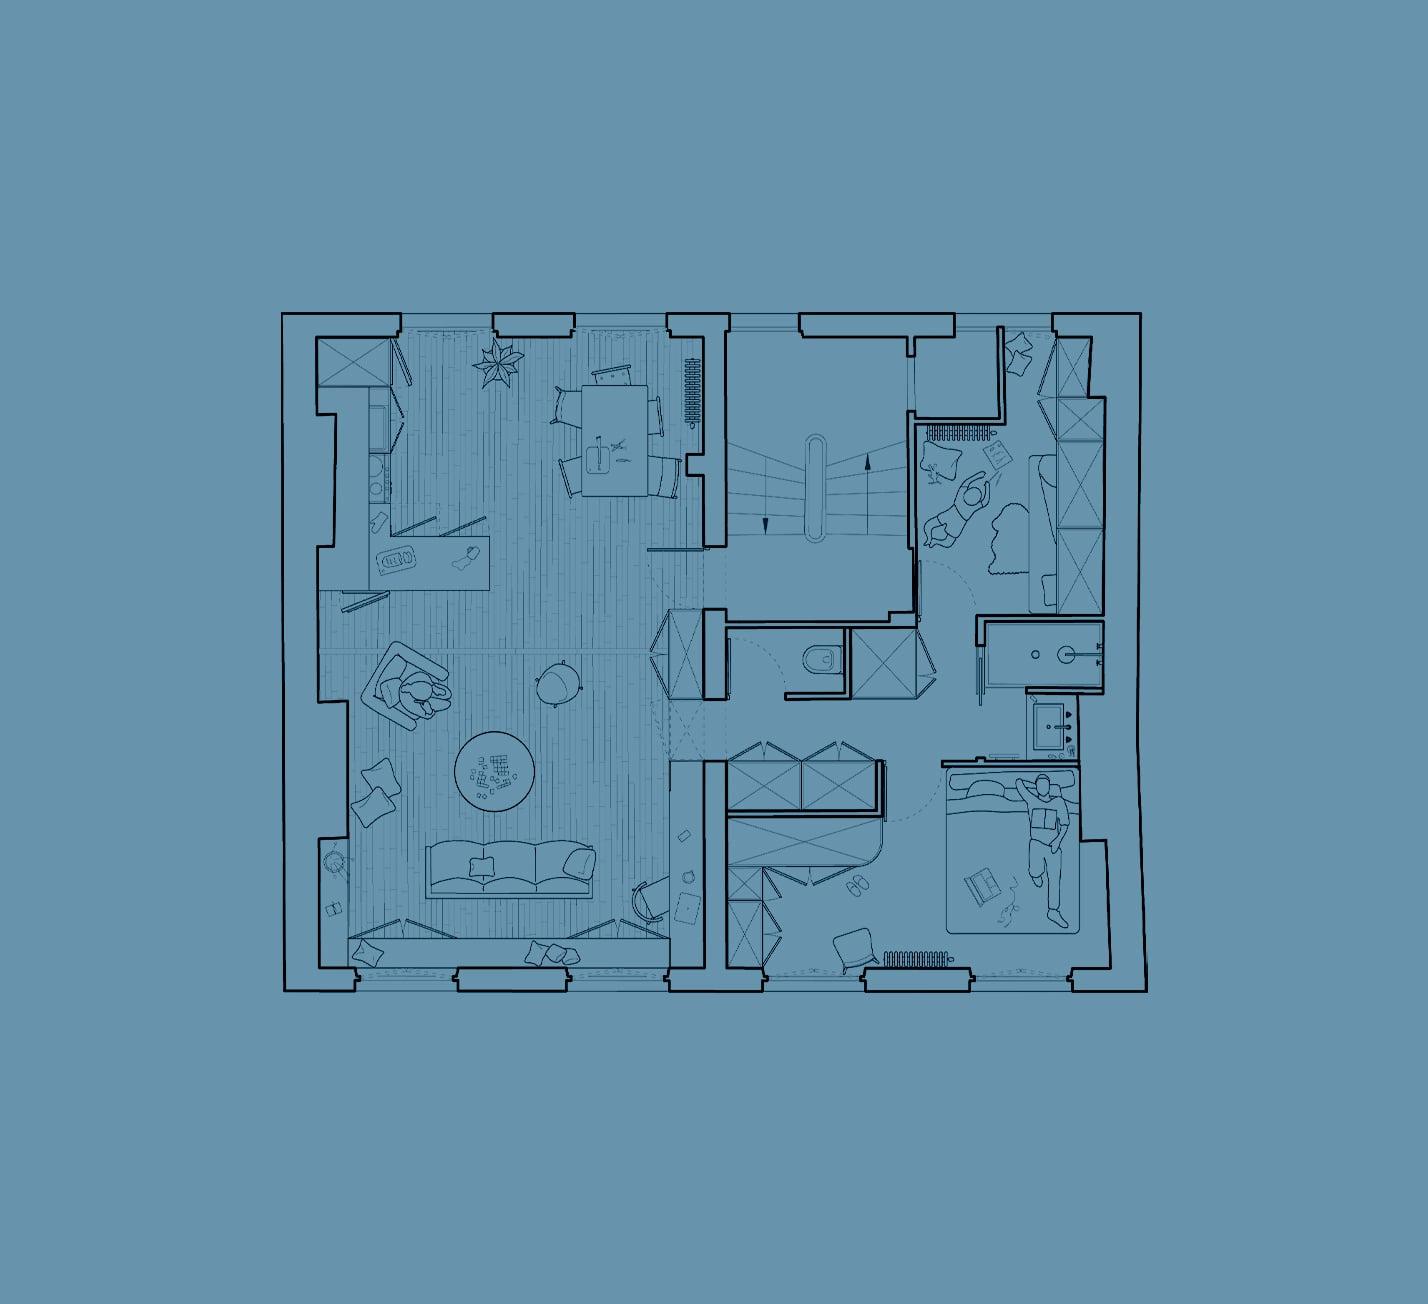 Projet-Georges-Atelier-Steve-Pauline-Borgia-Architecte-Plan-13-min